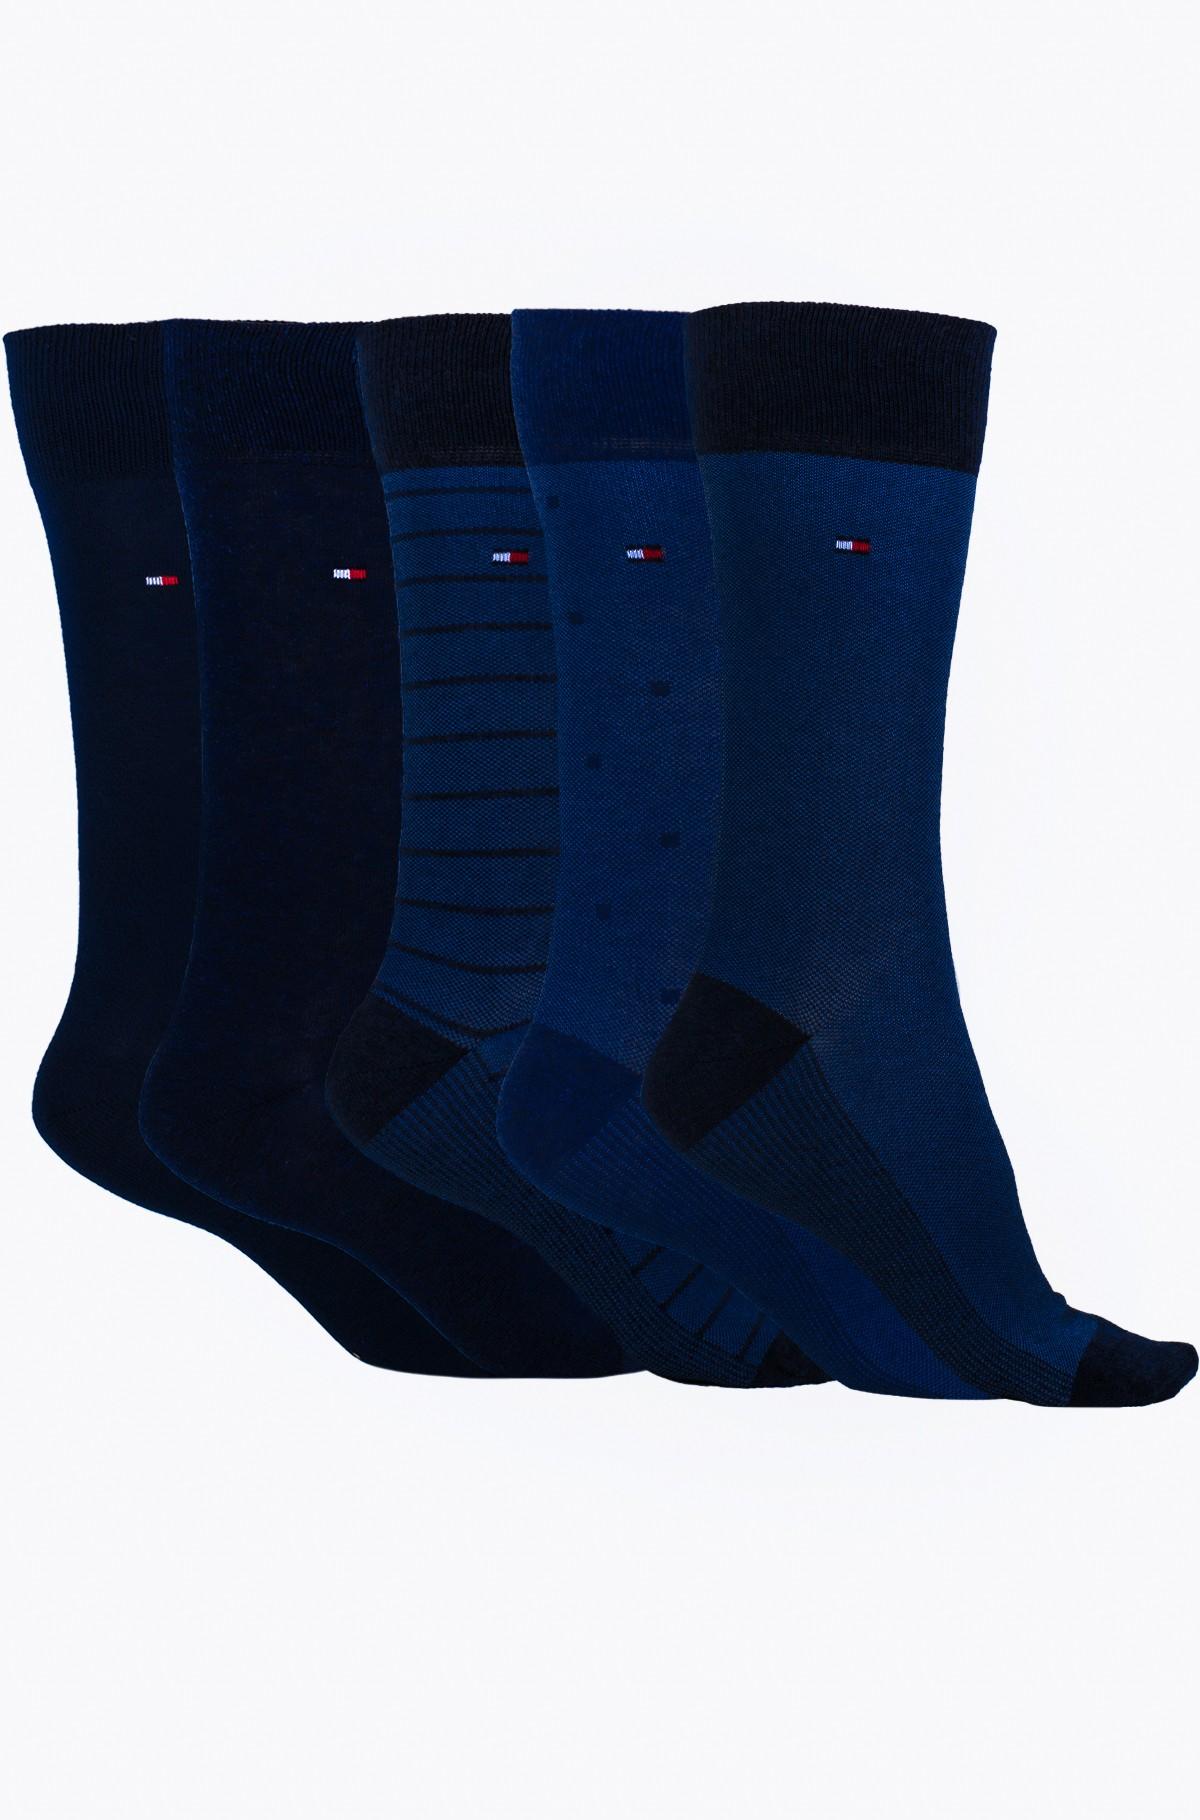 Socks in gift box 100000846-full-1